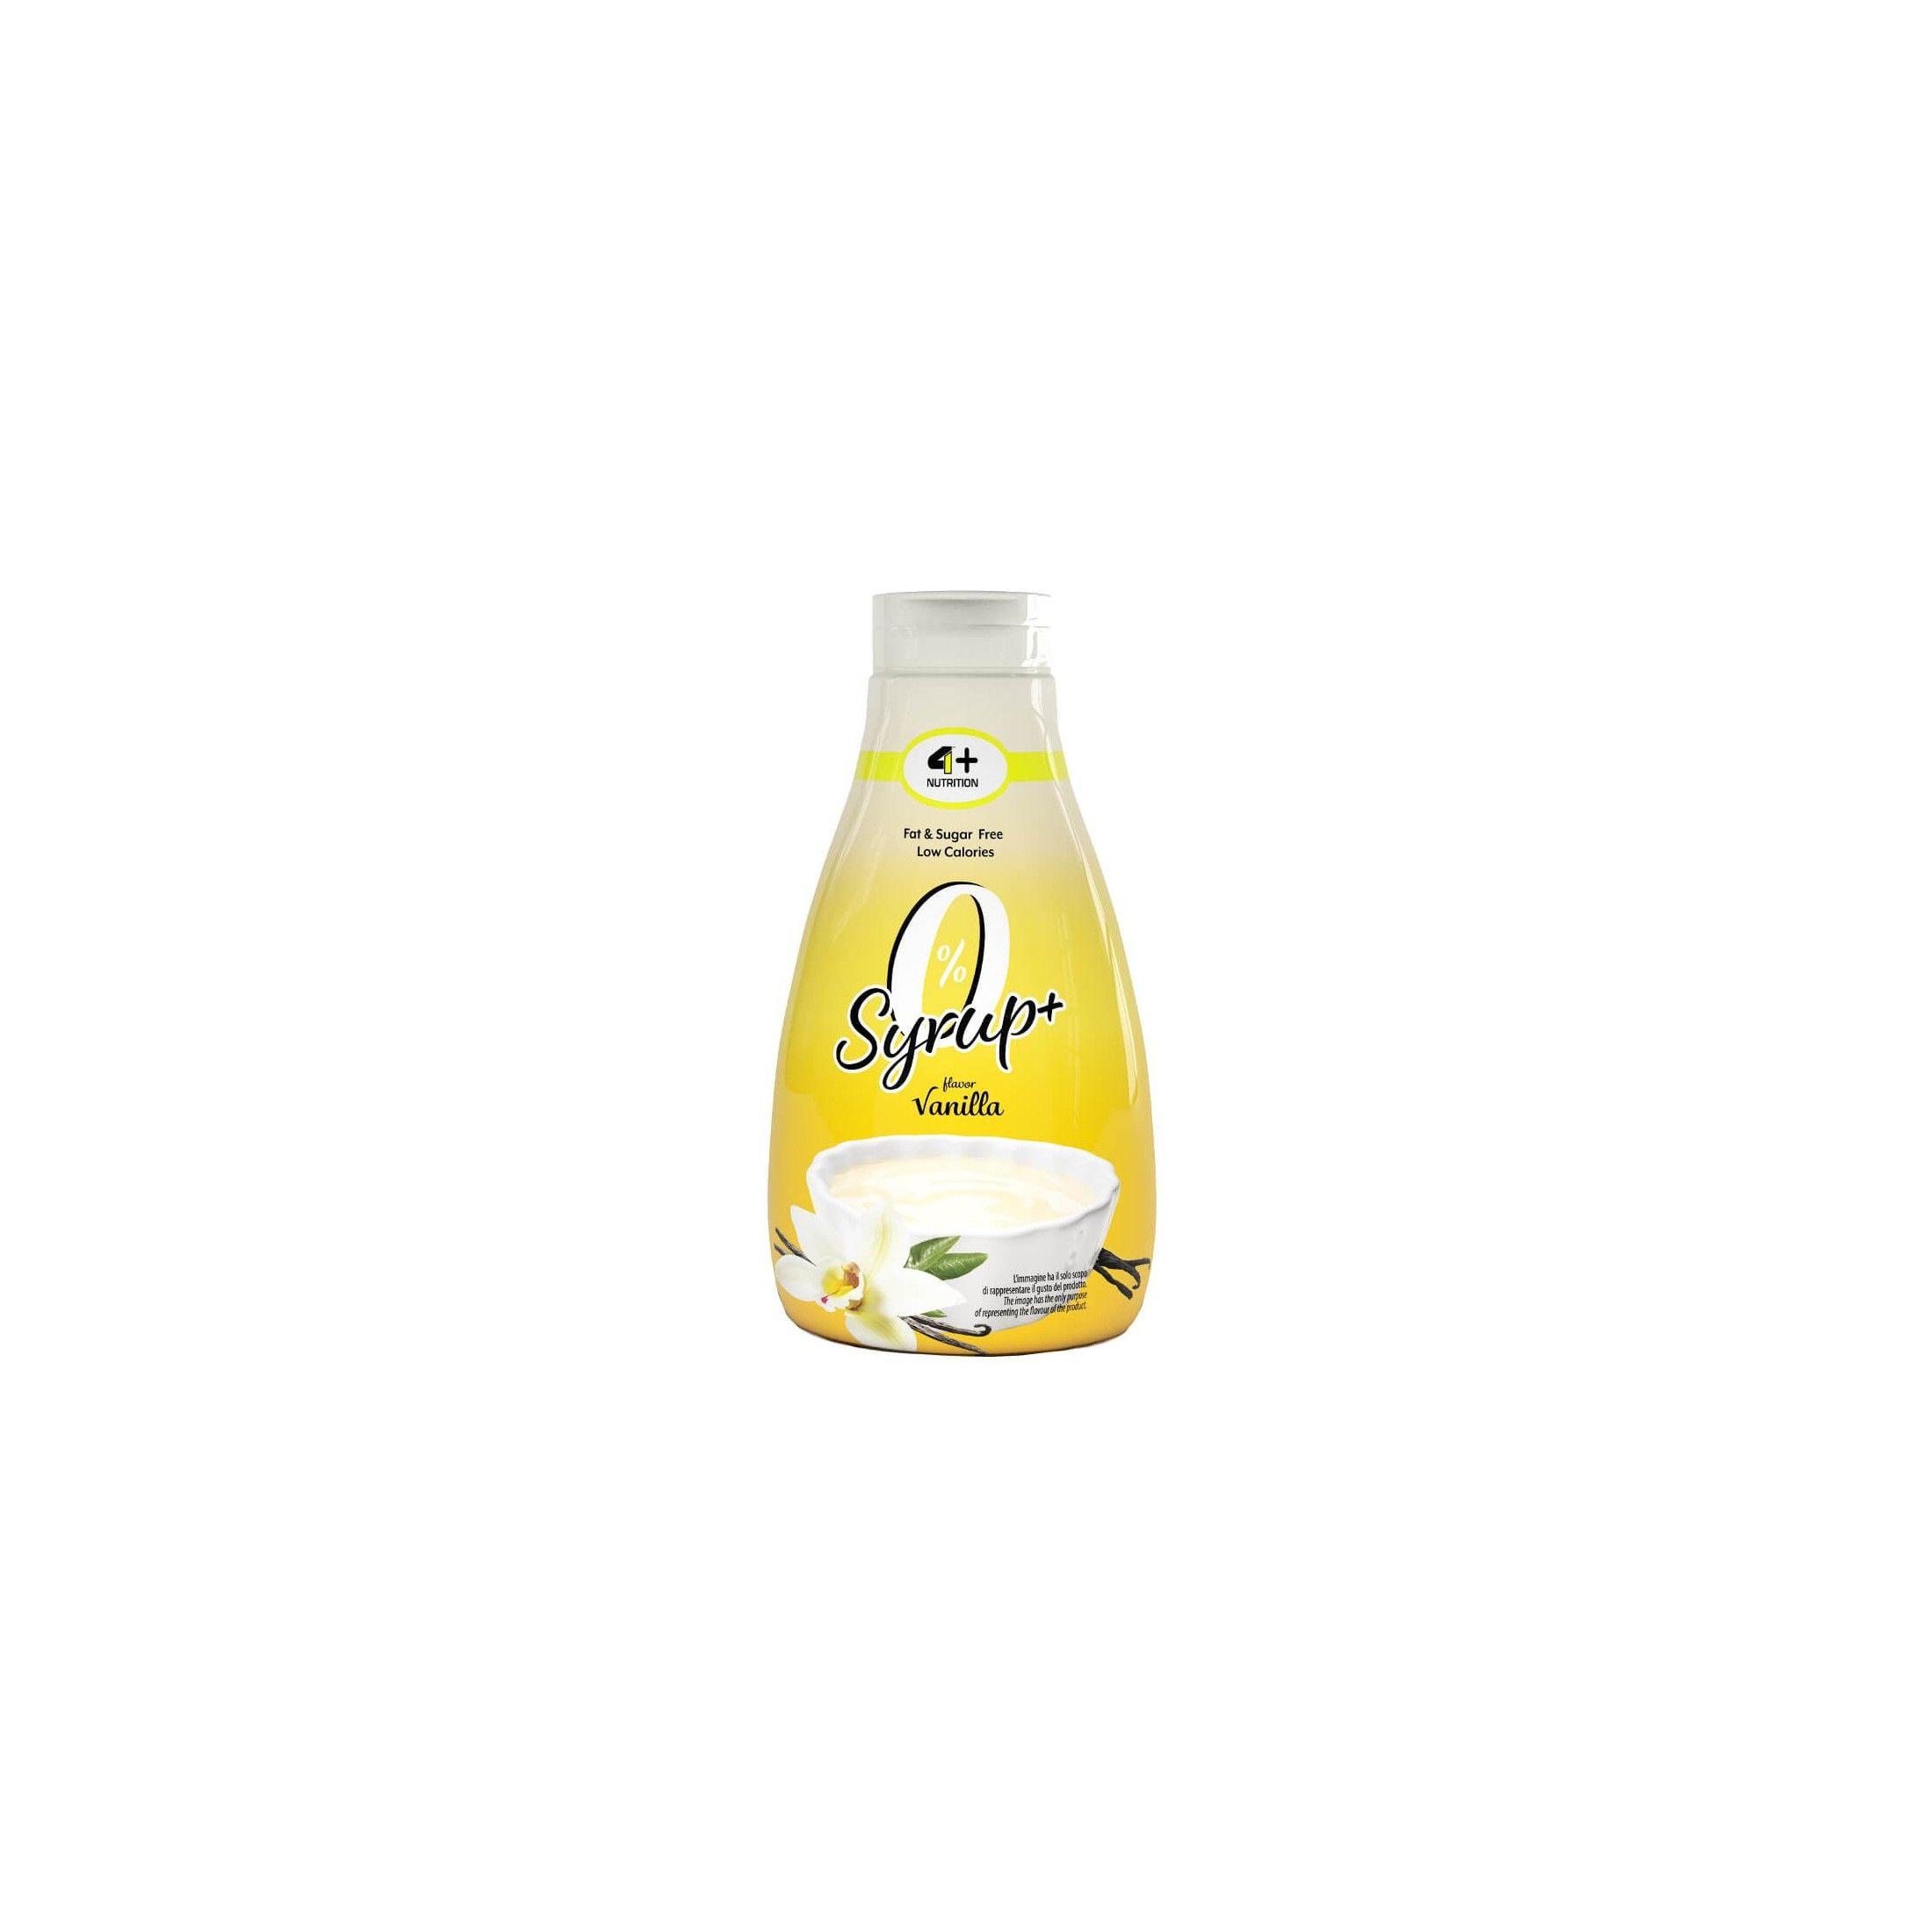 Nutvit 100% Peanut + Coconut Butter 500g